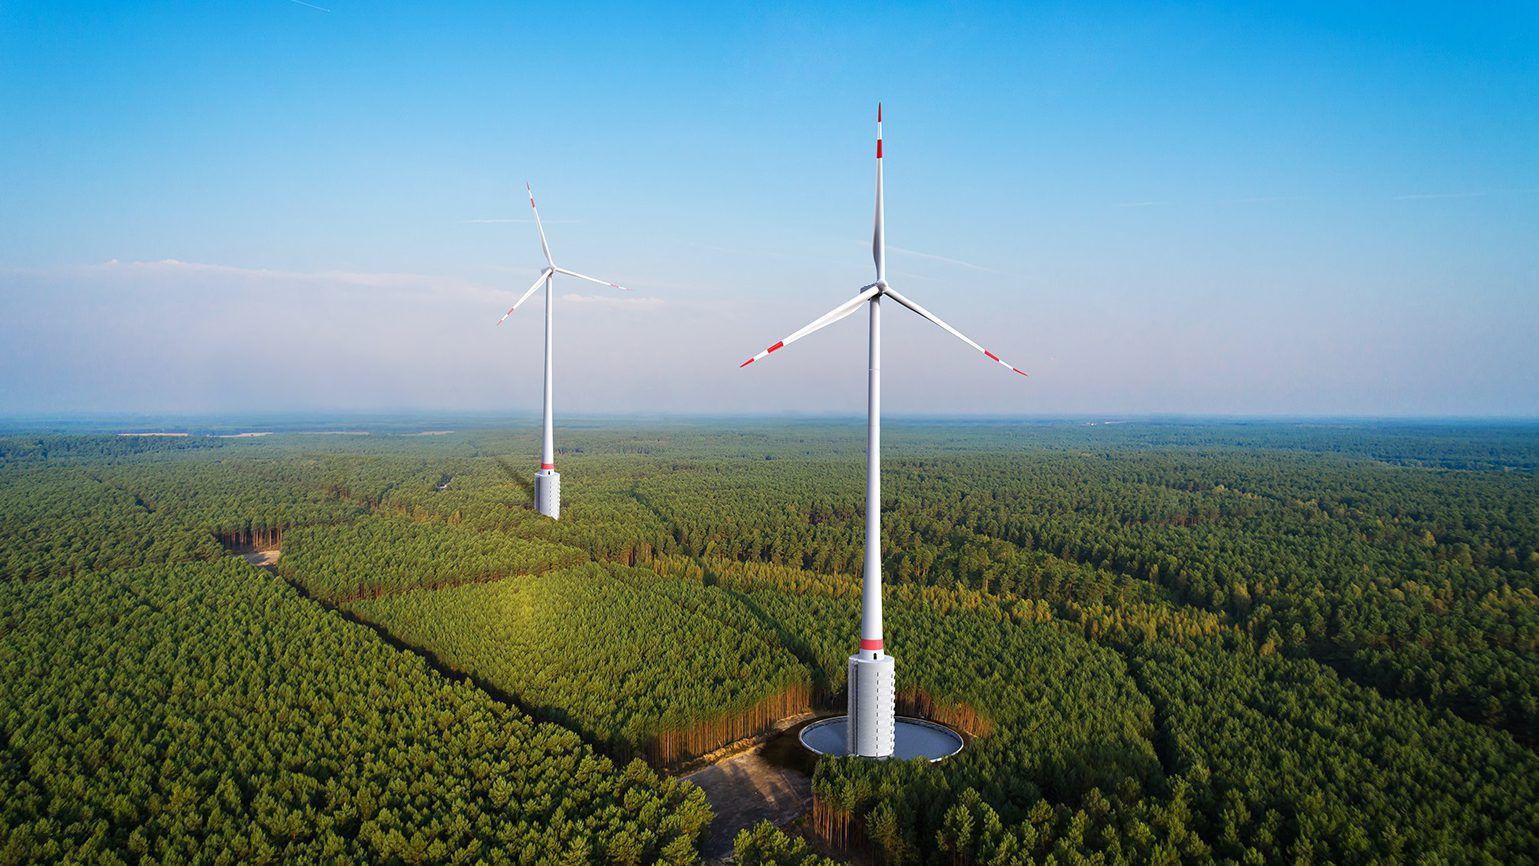 Ces éoliennes ressemblent à de véritables châteaux d'eau fonctionnant grâce à l'énergie du vent (Crédit photo: GE)